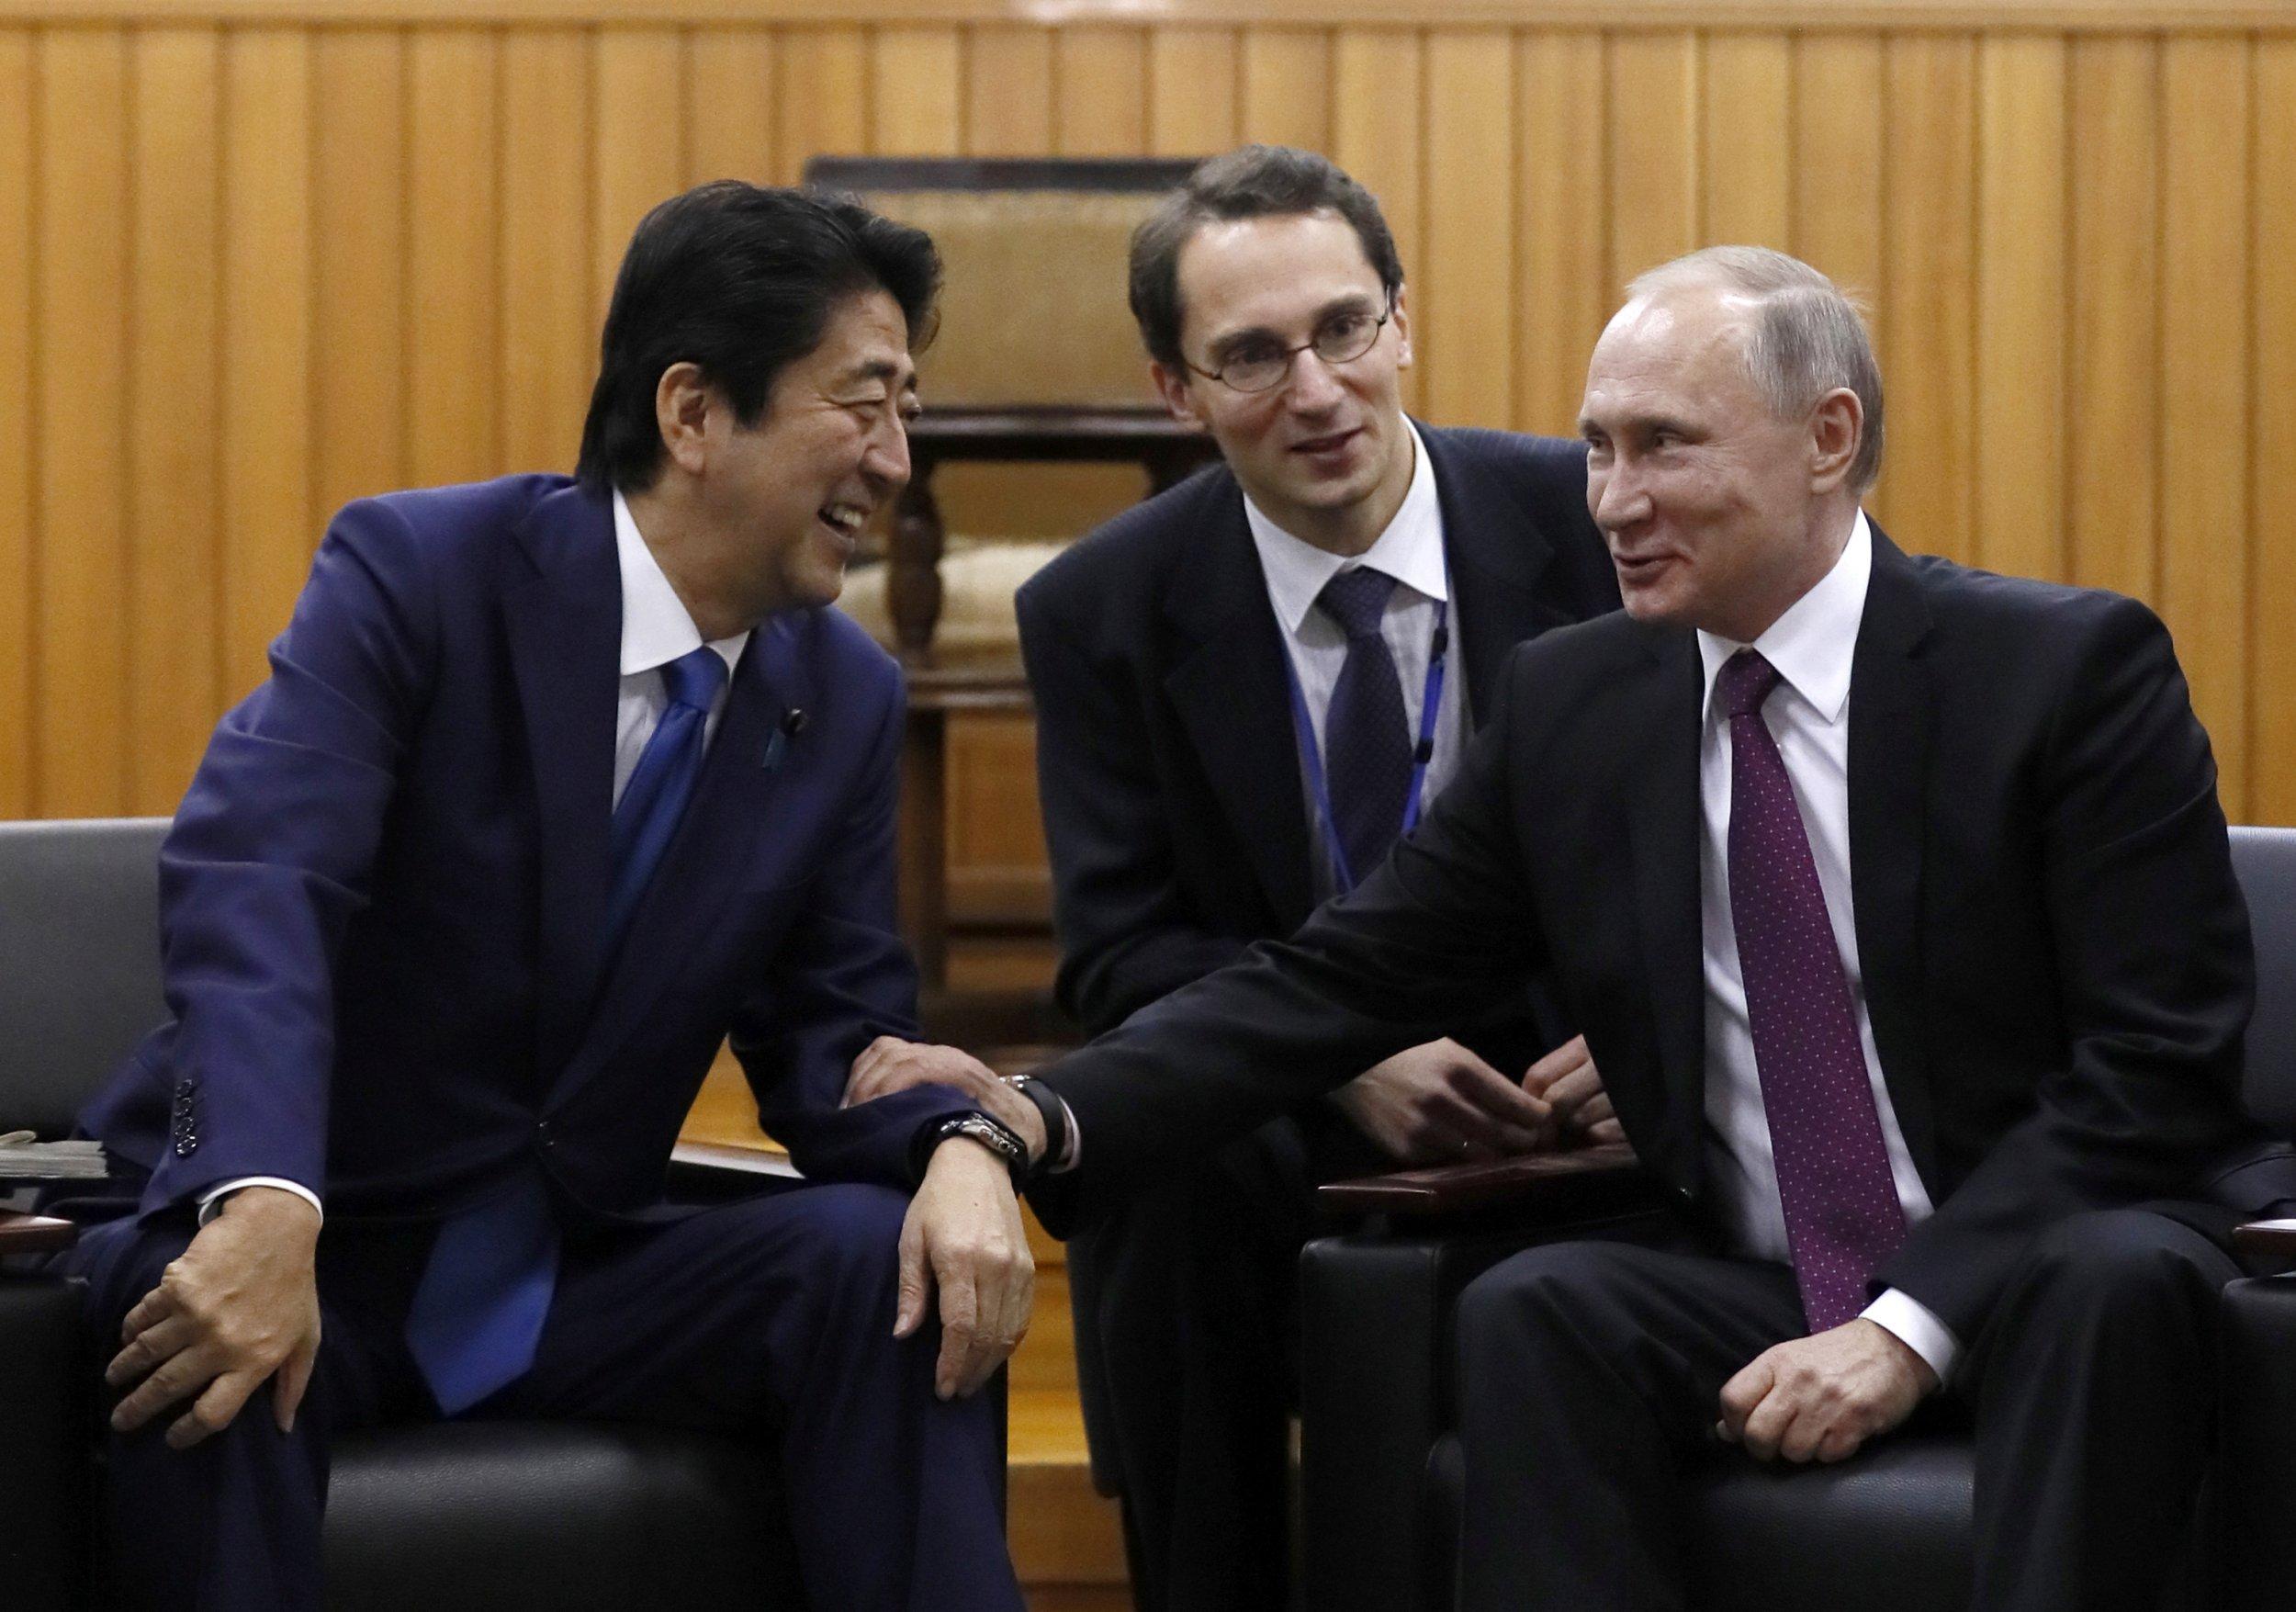 Putin Abe